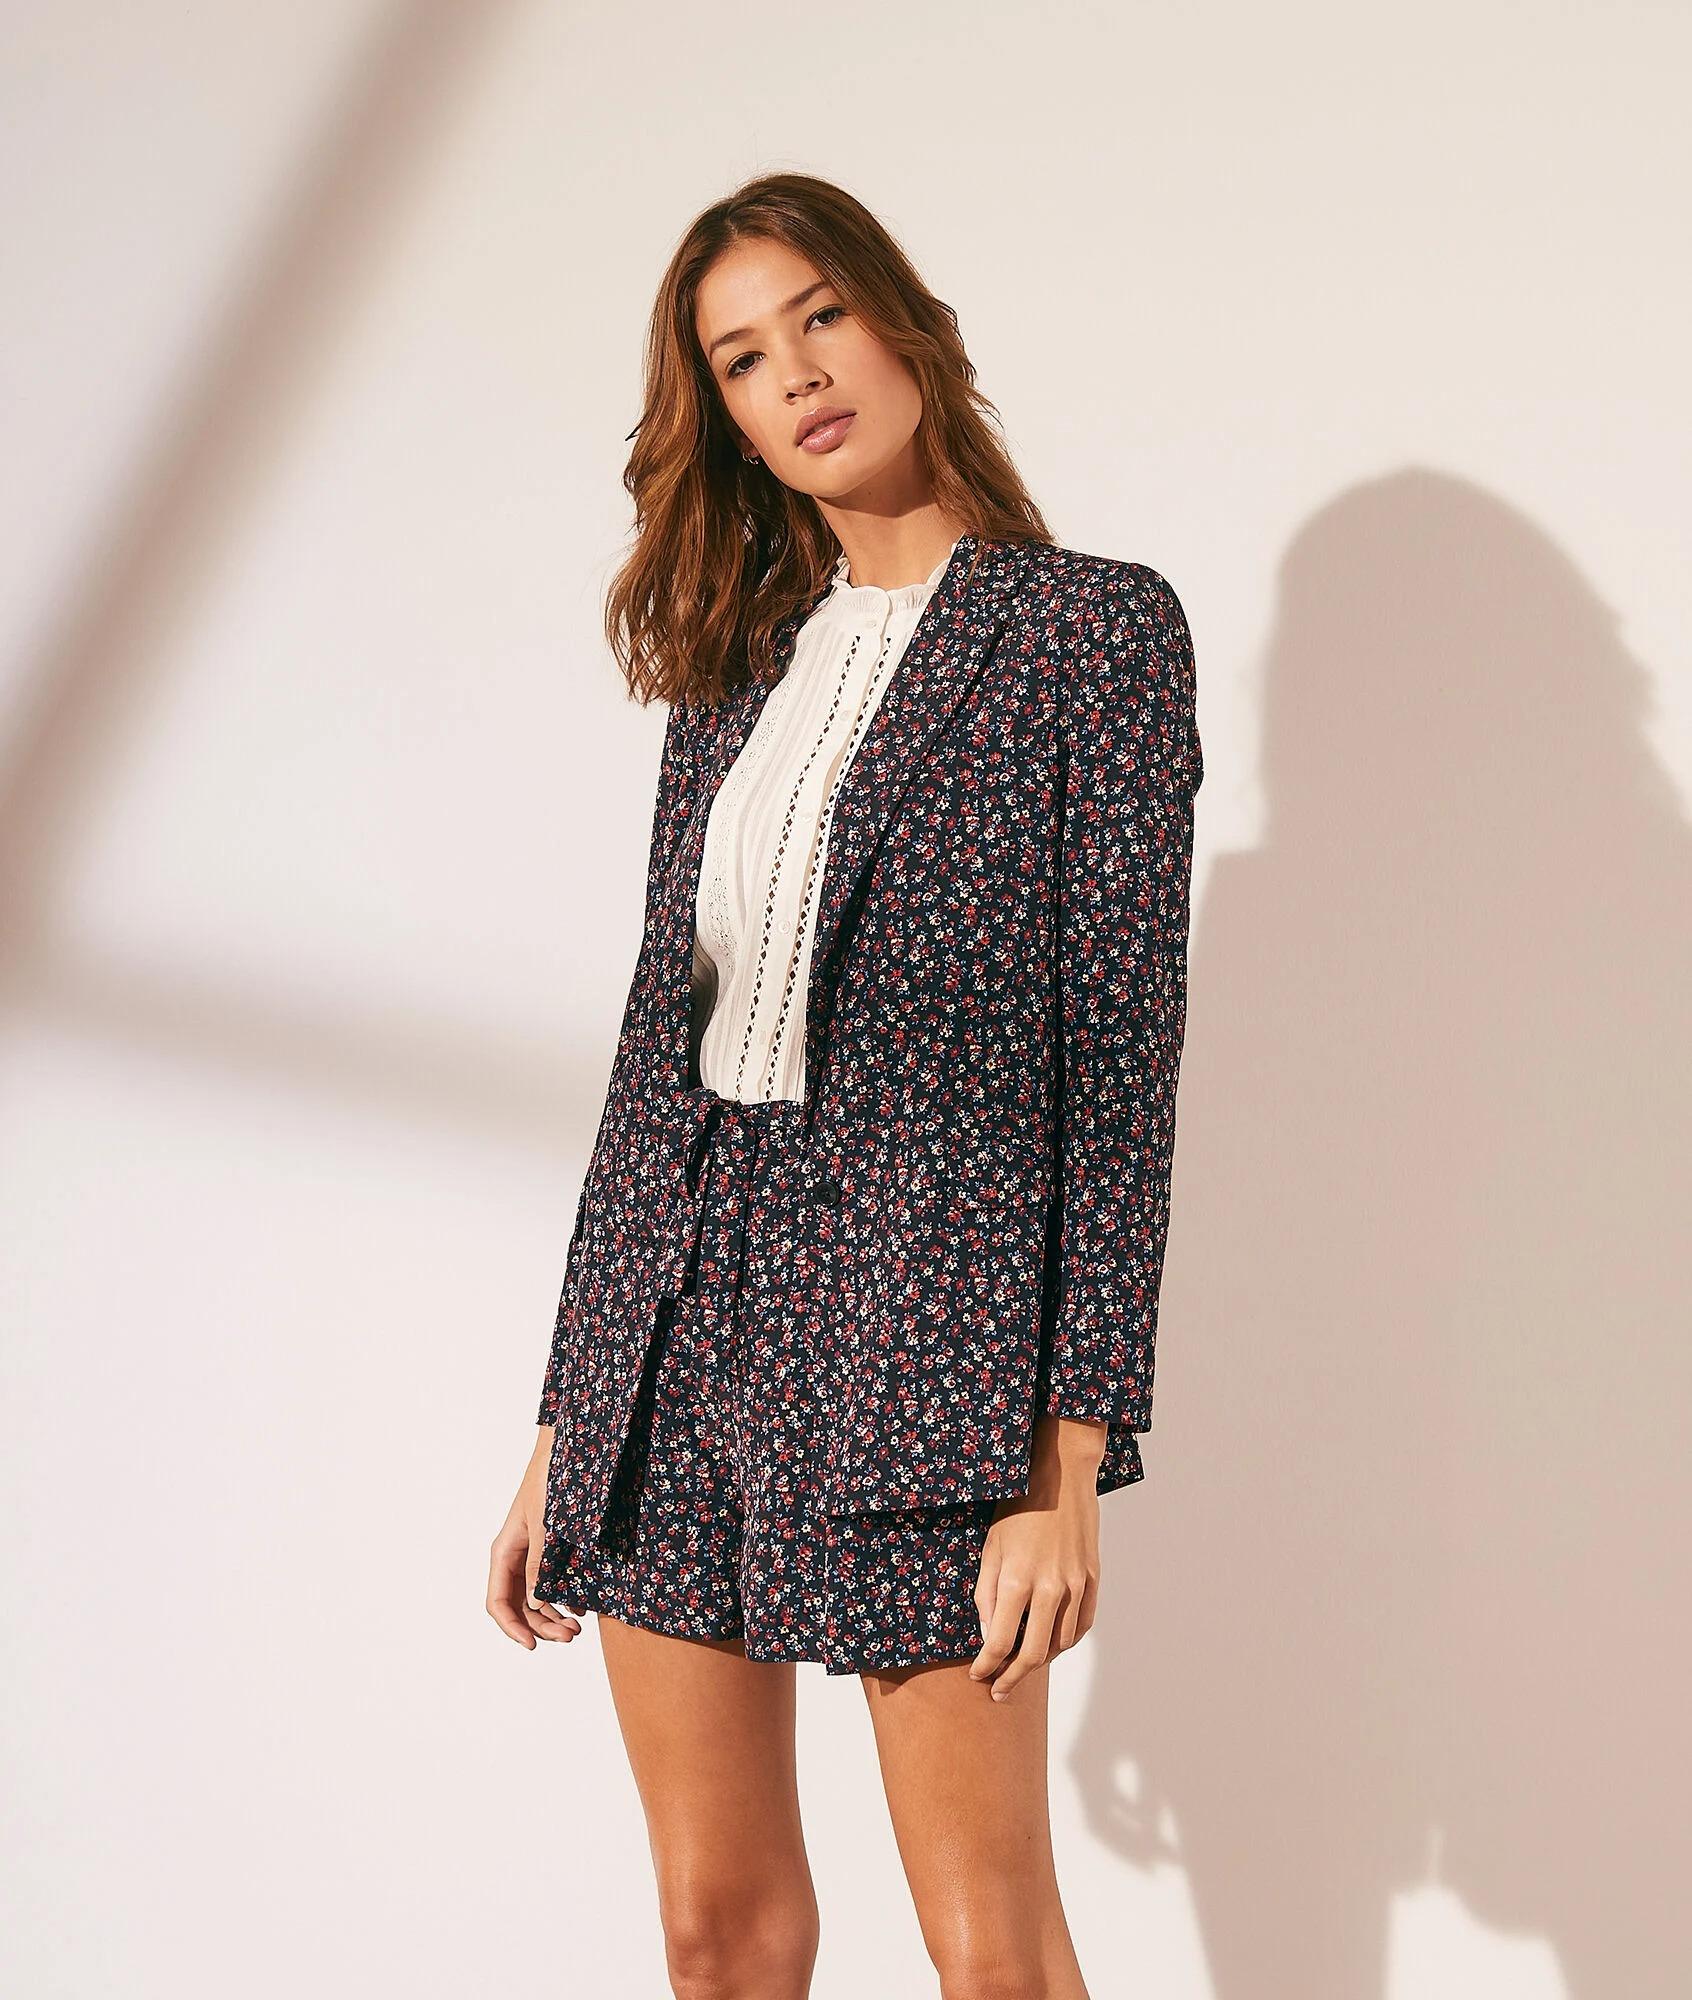 Veste de tailleur imprimé fleuri en polyester, Etam, 29,99€ au lieu de 59,99€.